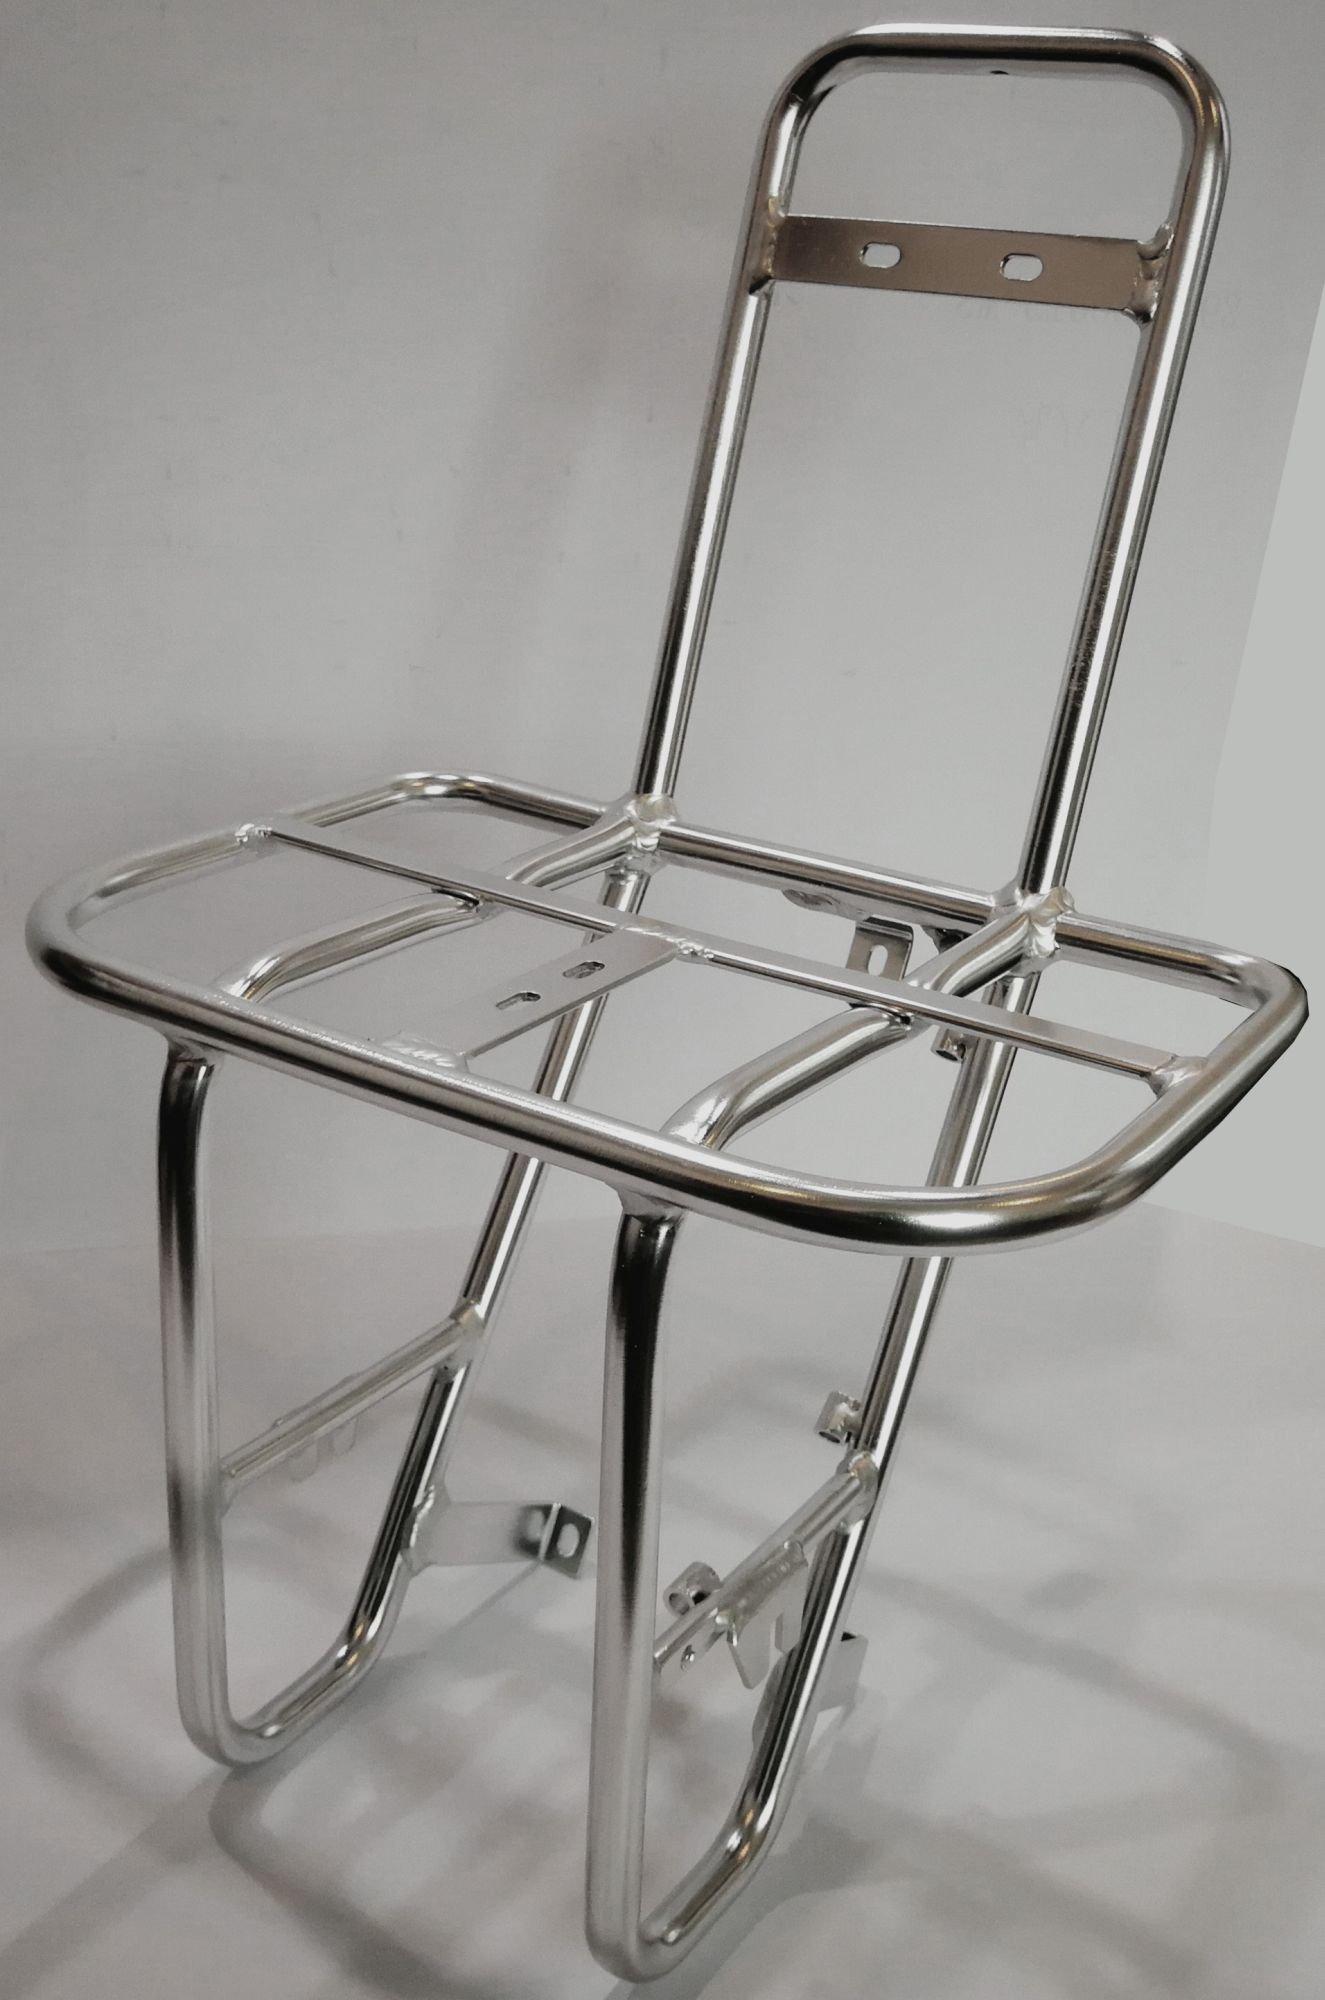 Fahrradteile/Gepäckträger: Pegasus  Vorderrad-Gepäckträger 28